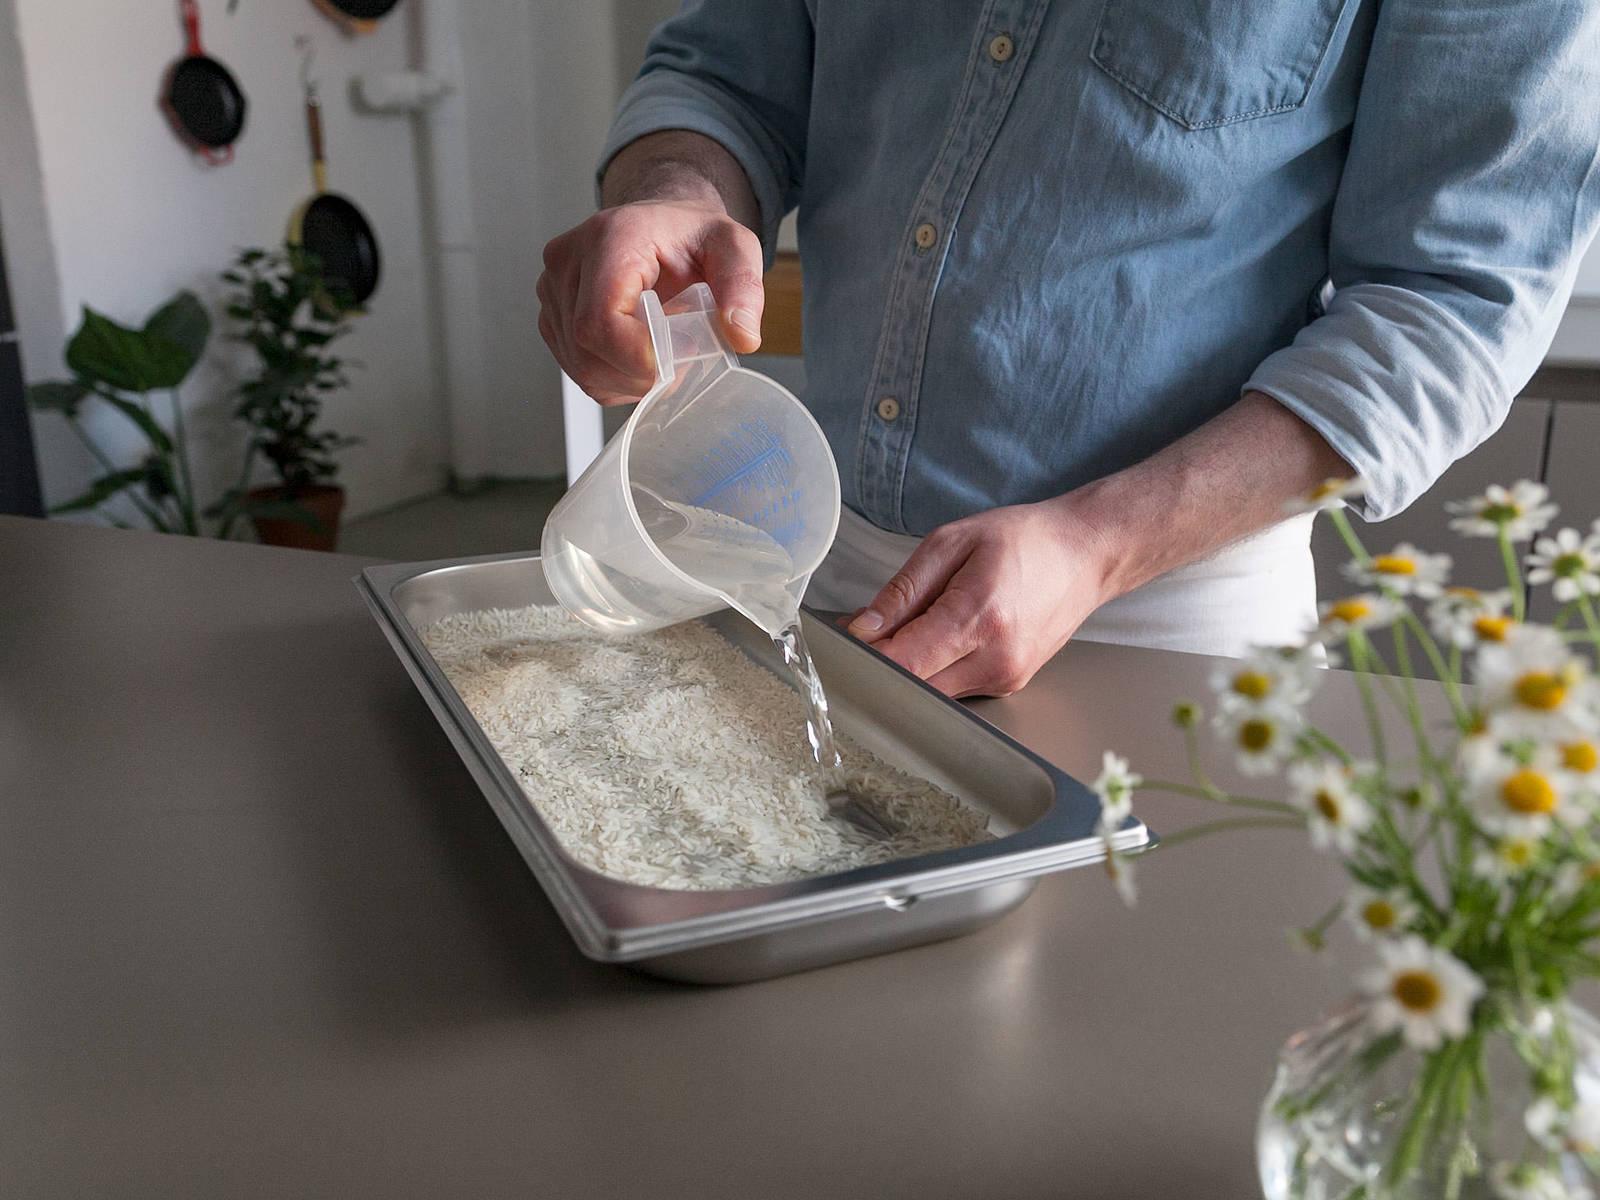 Basmatireis und Wasser in einen ungelochten Garbehälter geben und bei 100°C ca. 15 Min. dampfgaren.